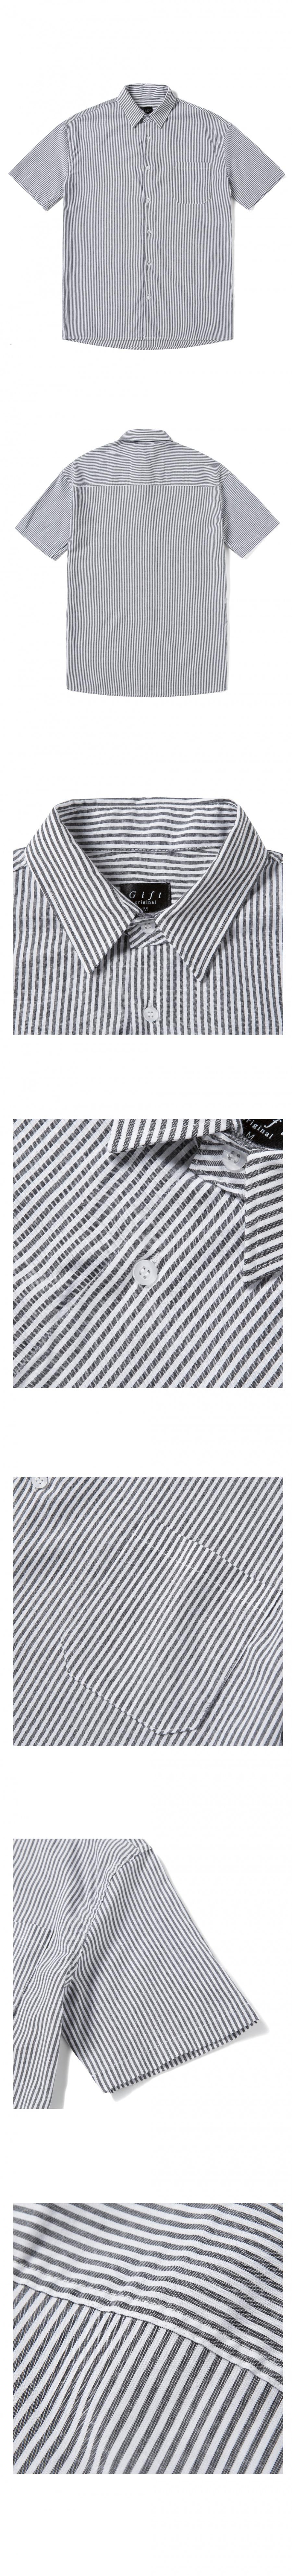 기프트오리지널(GIFTORIGINAL) (UNISEX) 스트라이프 1/2 셔츠